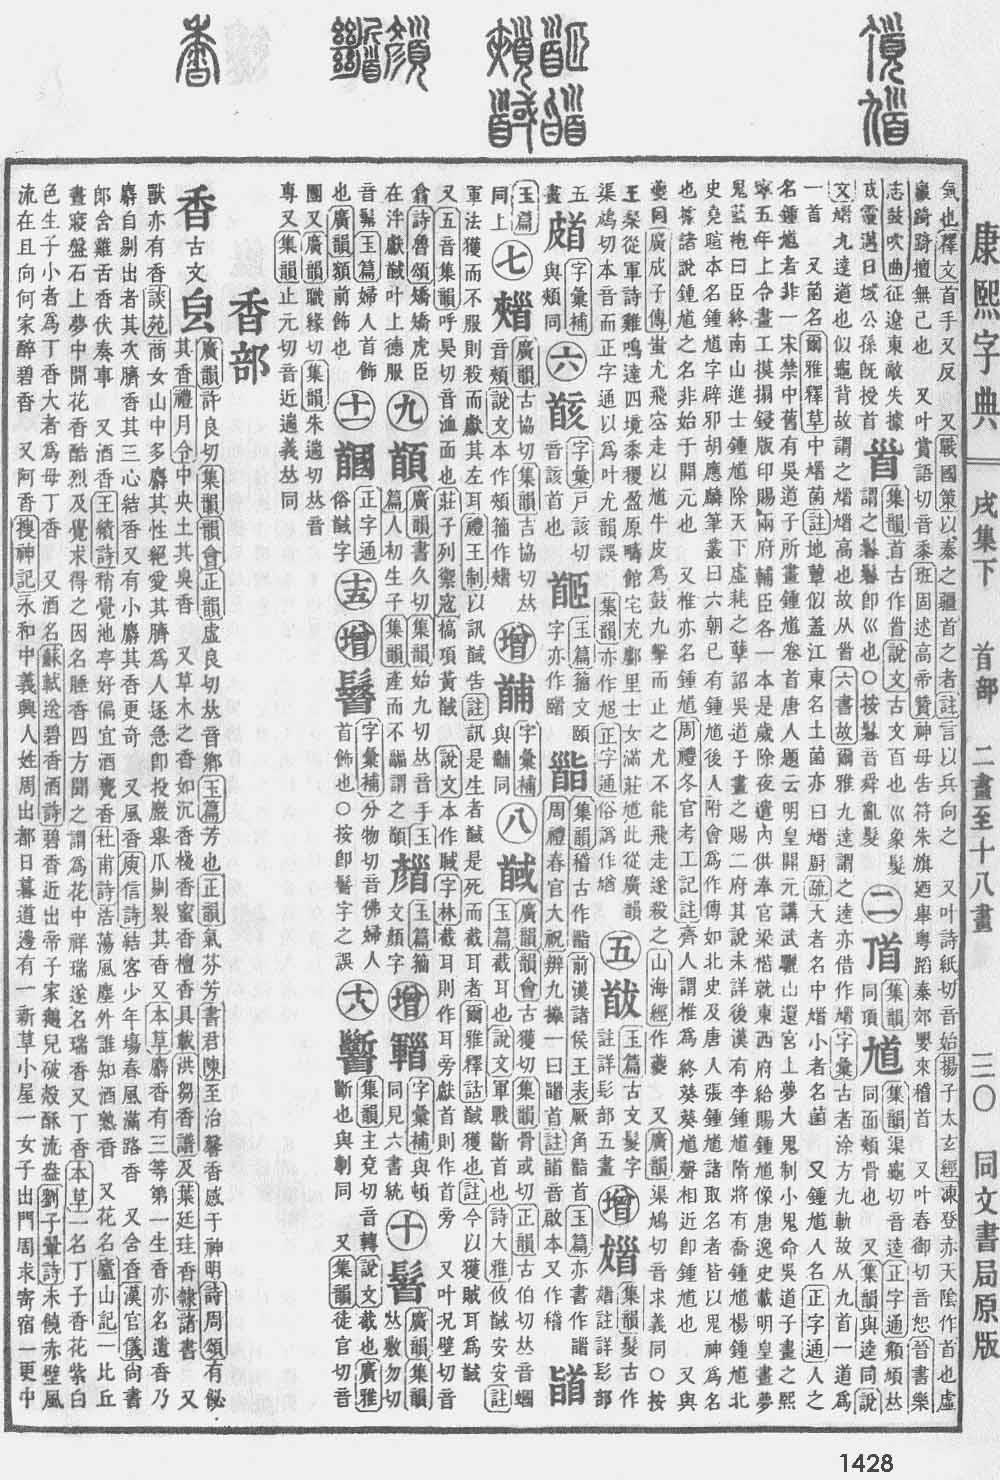 《康熙字典》第1428页